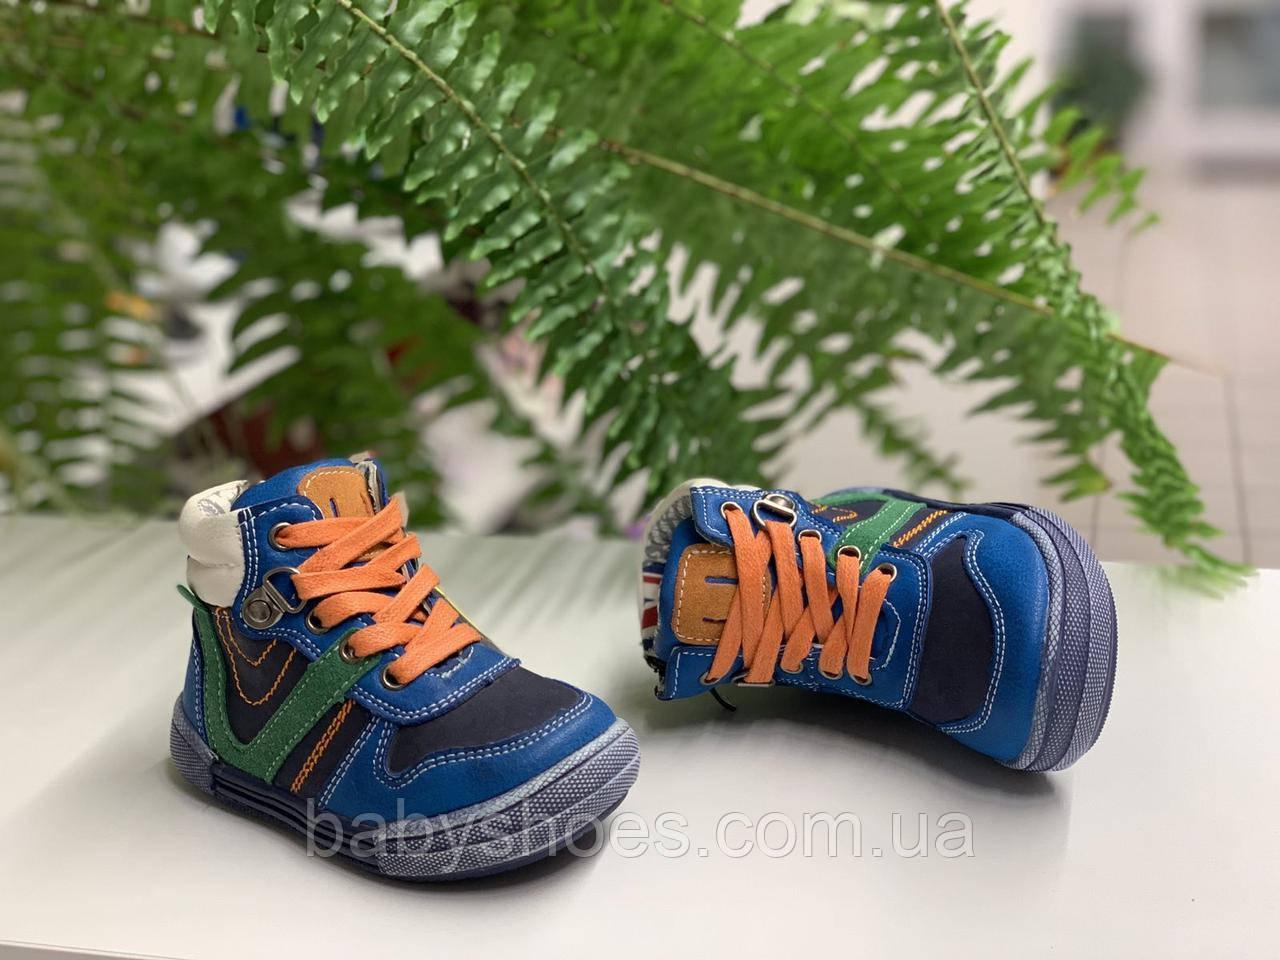 Демисезонные ботинки для мальчика,Солнце. р.21,РТ-6065-5А